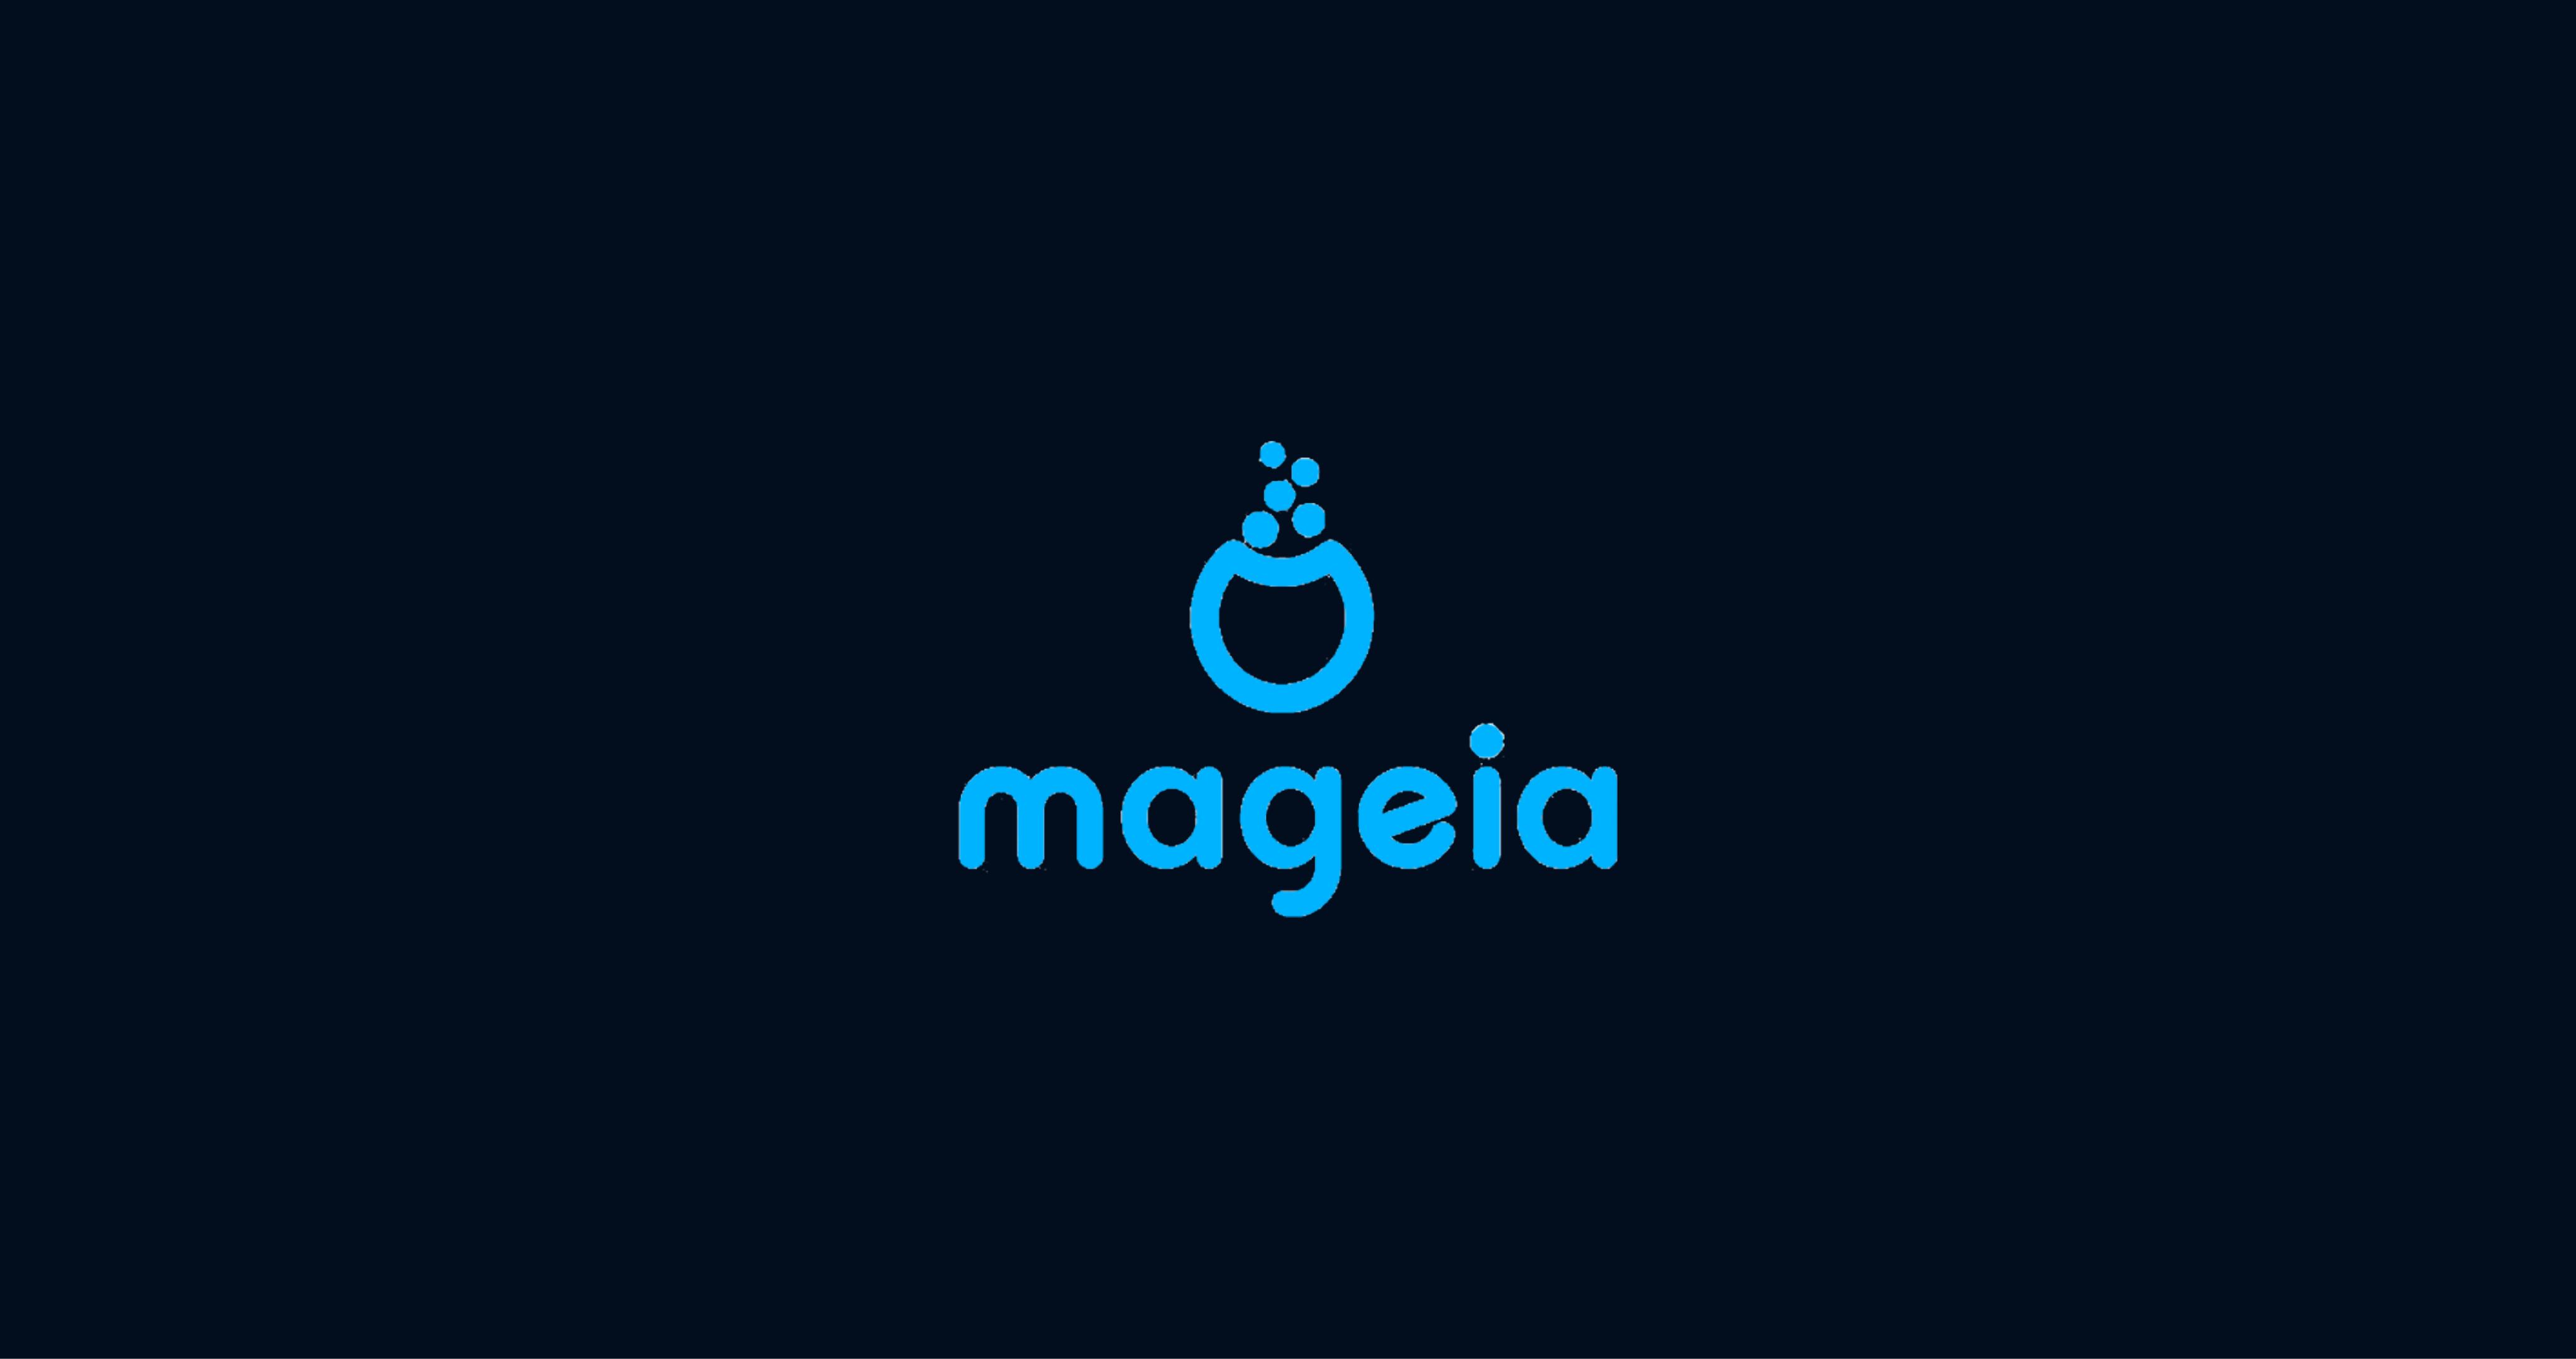 Mageia Dark Blue Wallpaper   plingcom 4096x2161